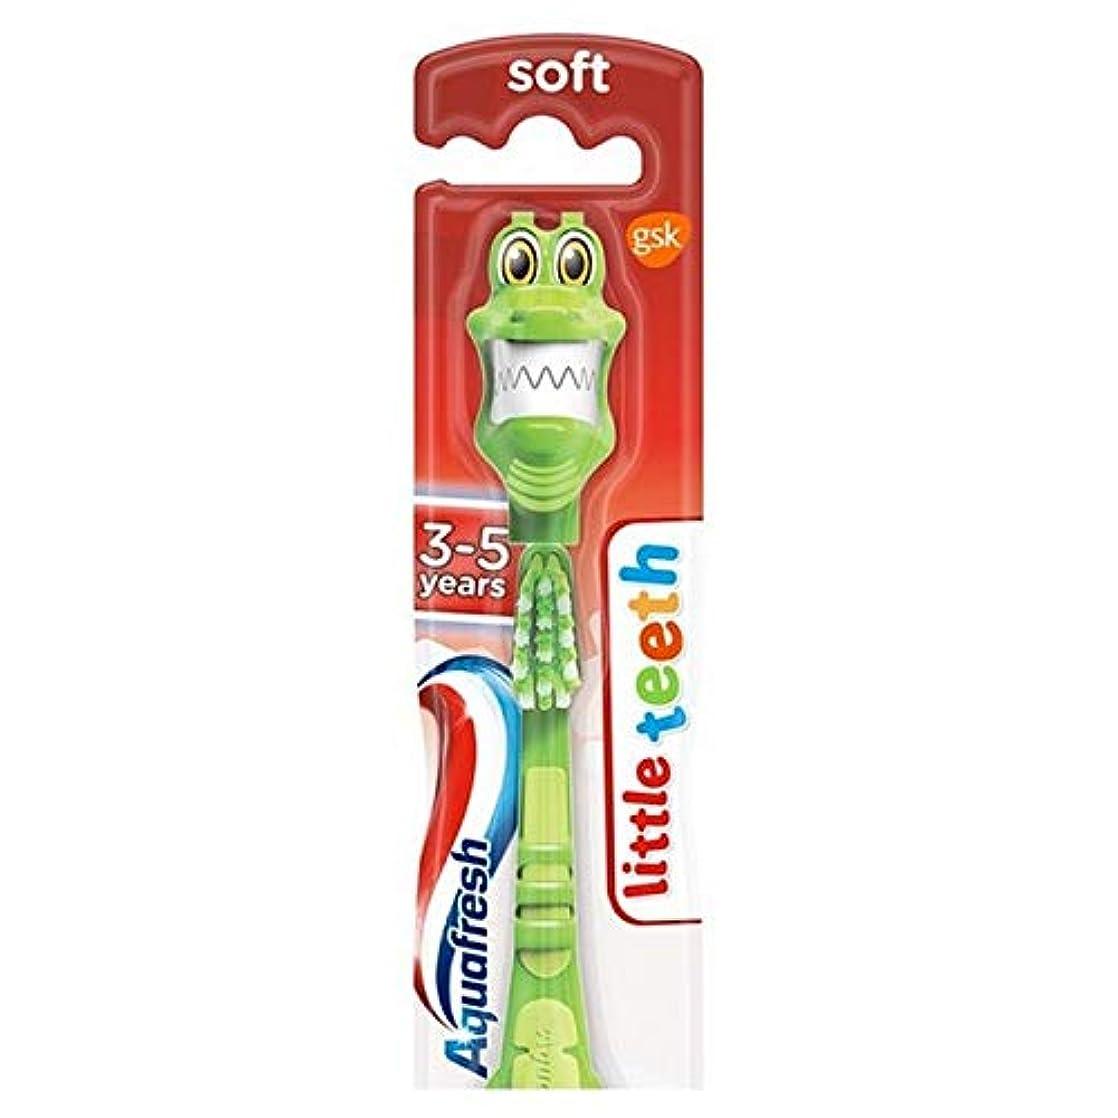 間違っている歴史変化[Aquafresh ] アクアフレッシュ少し歯3~5人の子供の柔らかい歯ブラシ - Aquafresh Little Teeth 3-5 Years Kids Soft Toothbrush [並行輸入品]